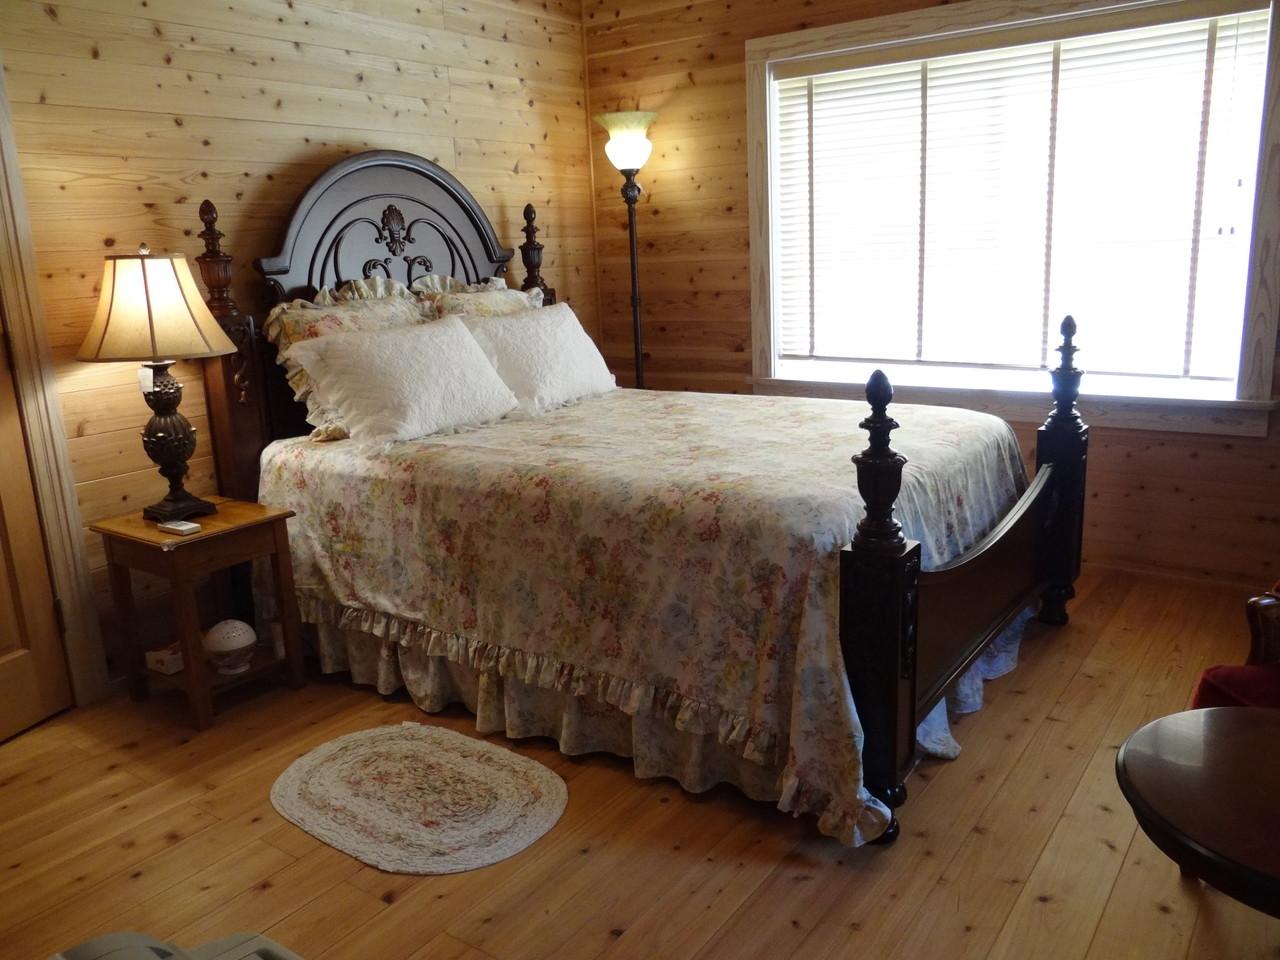 ハナルーム、クイーンサイズベッド Hana room ,Queensize bed